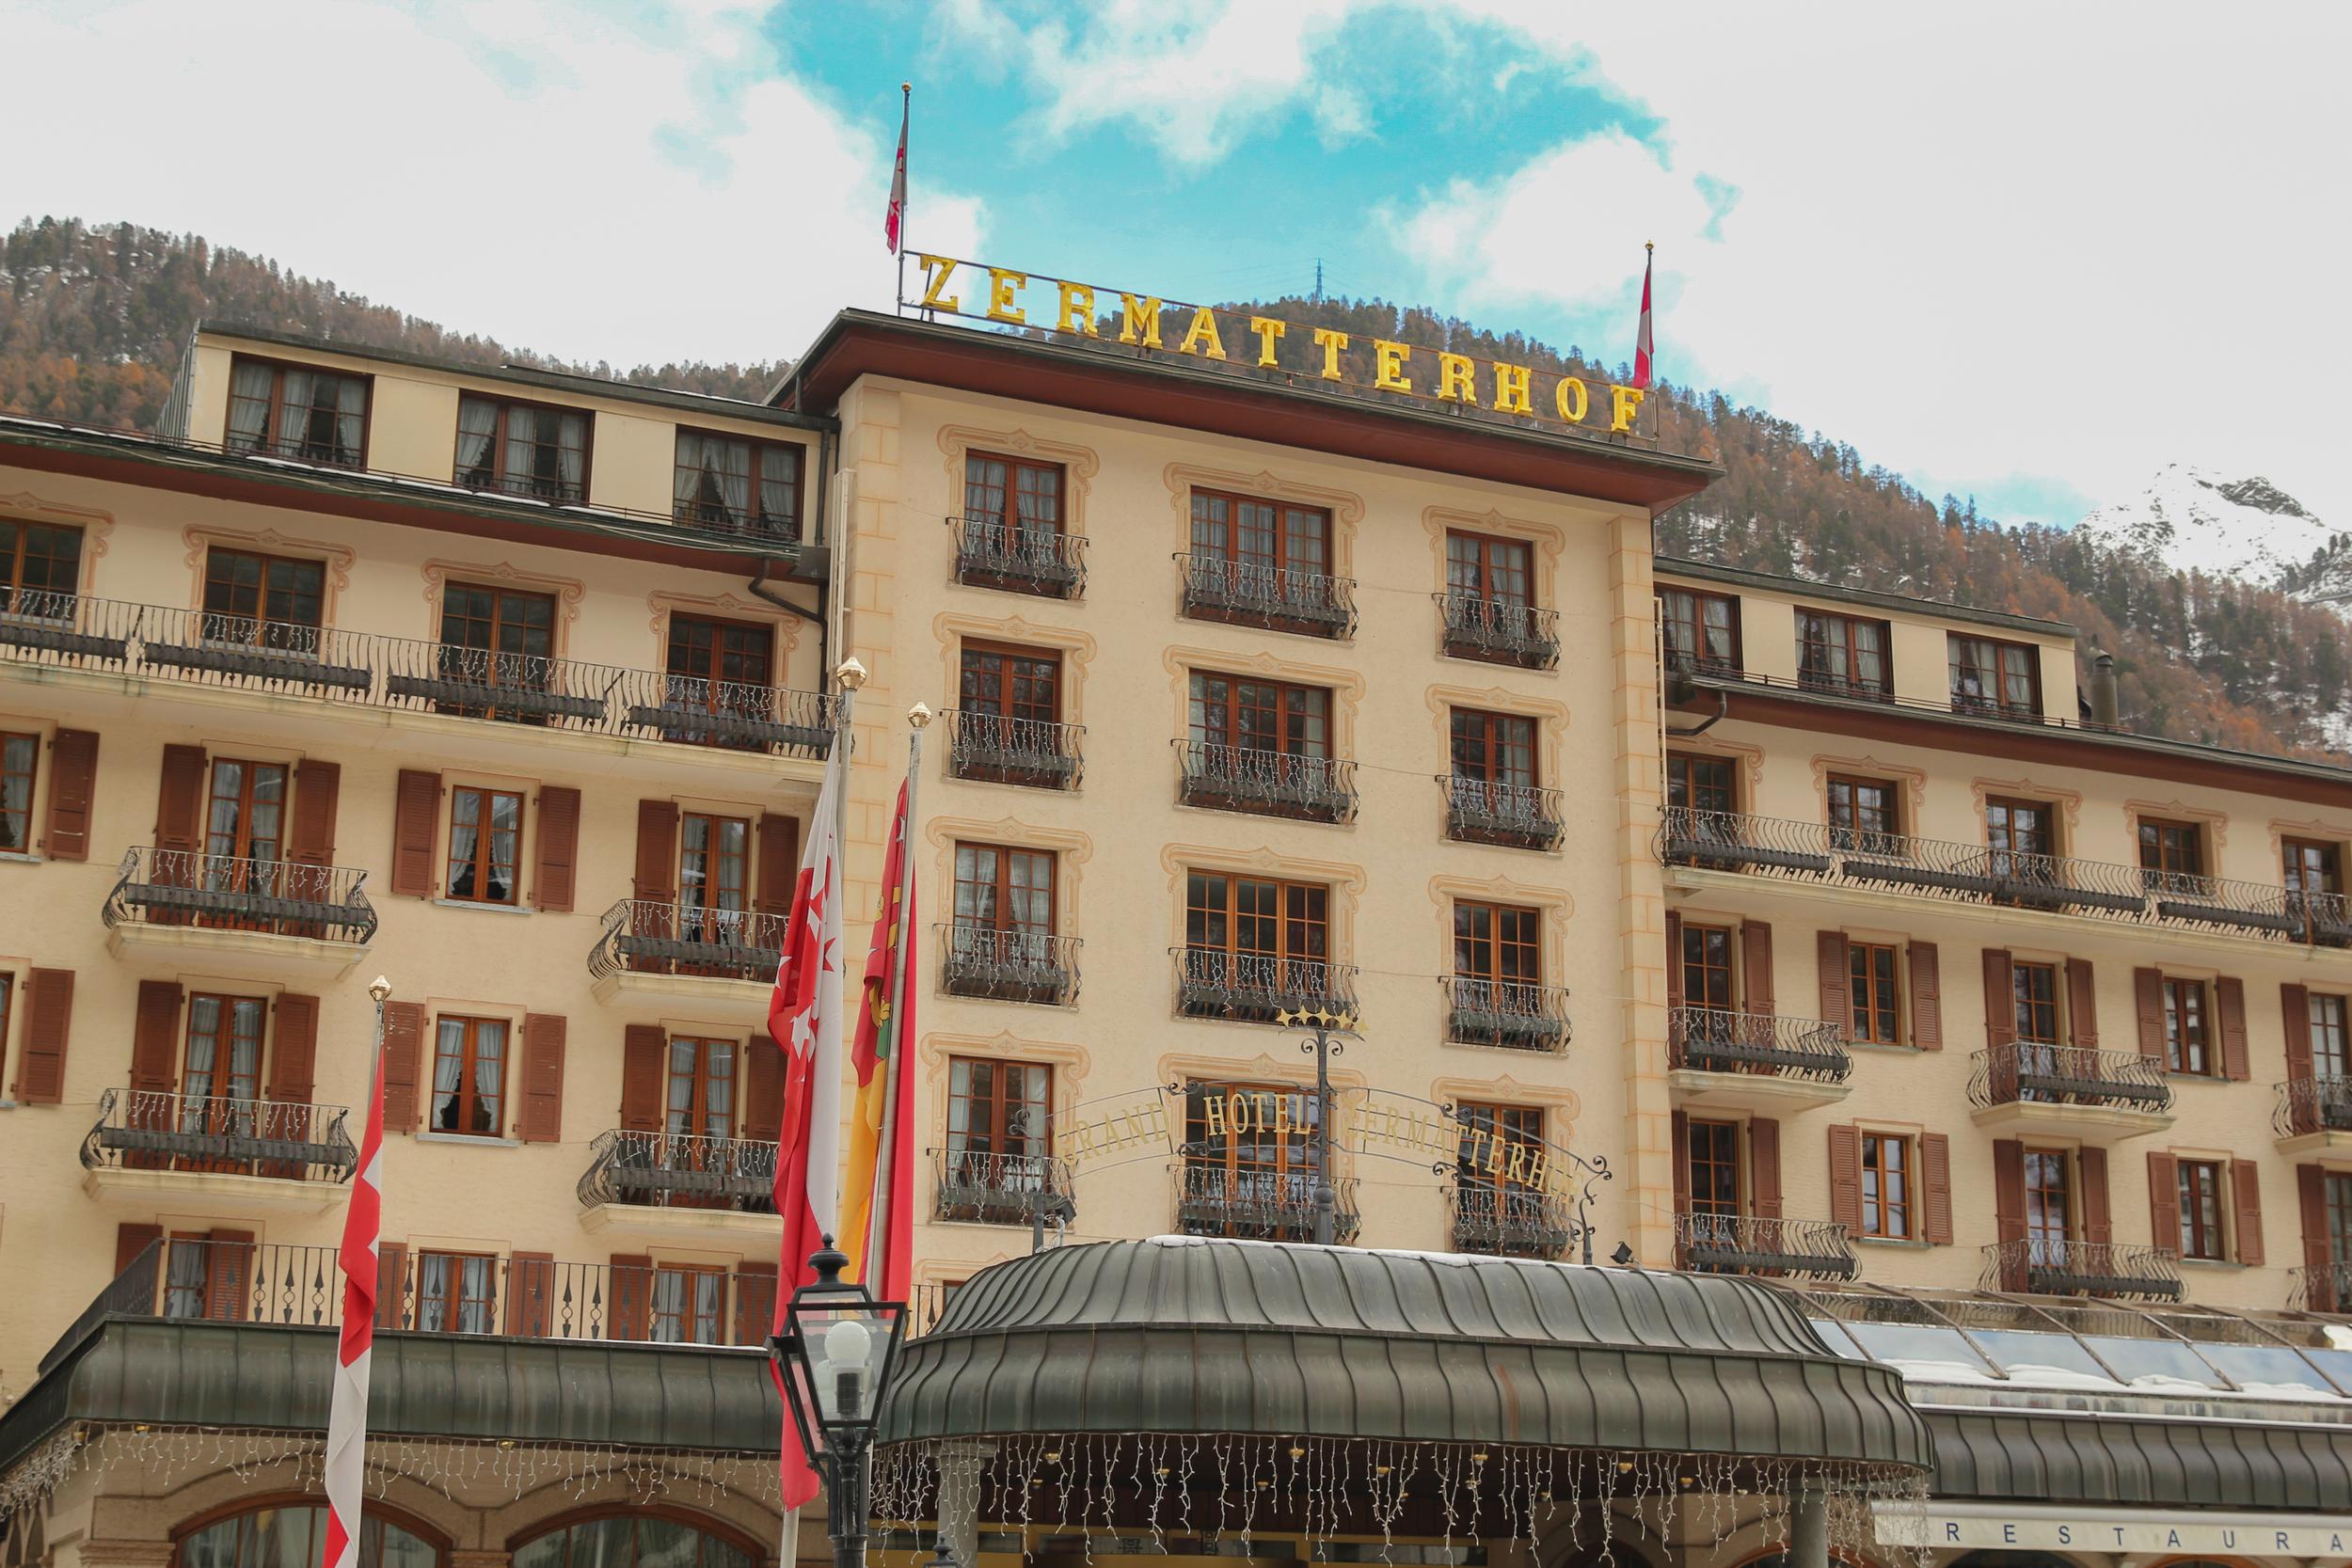 Zermatterhof - Zermatt Travel Guide